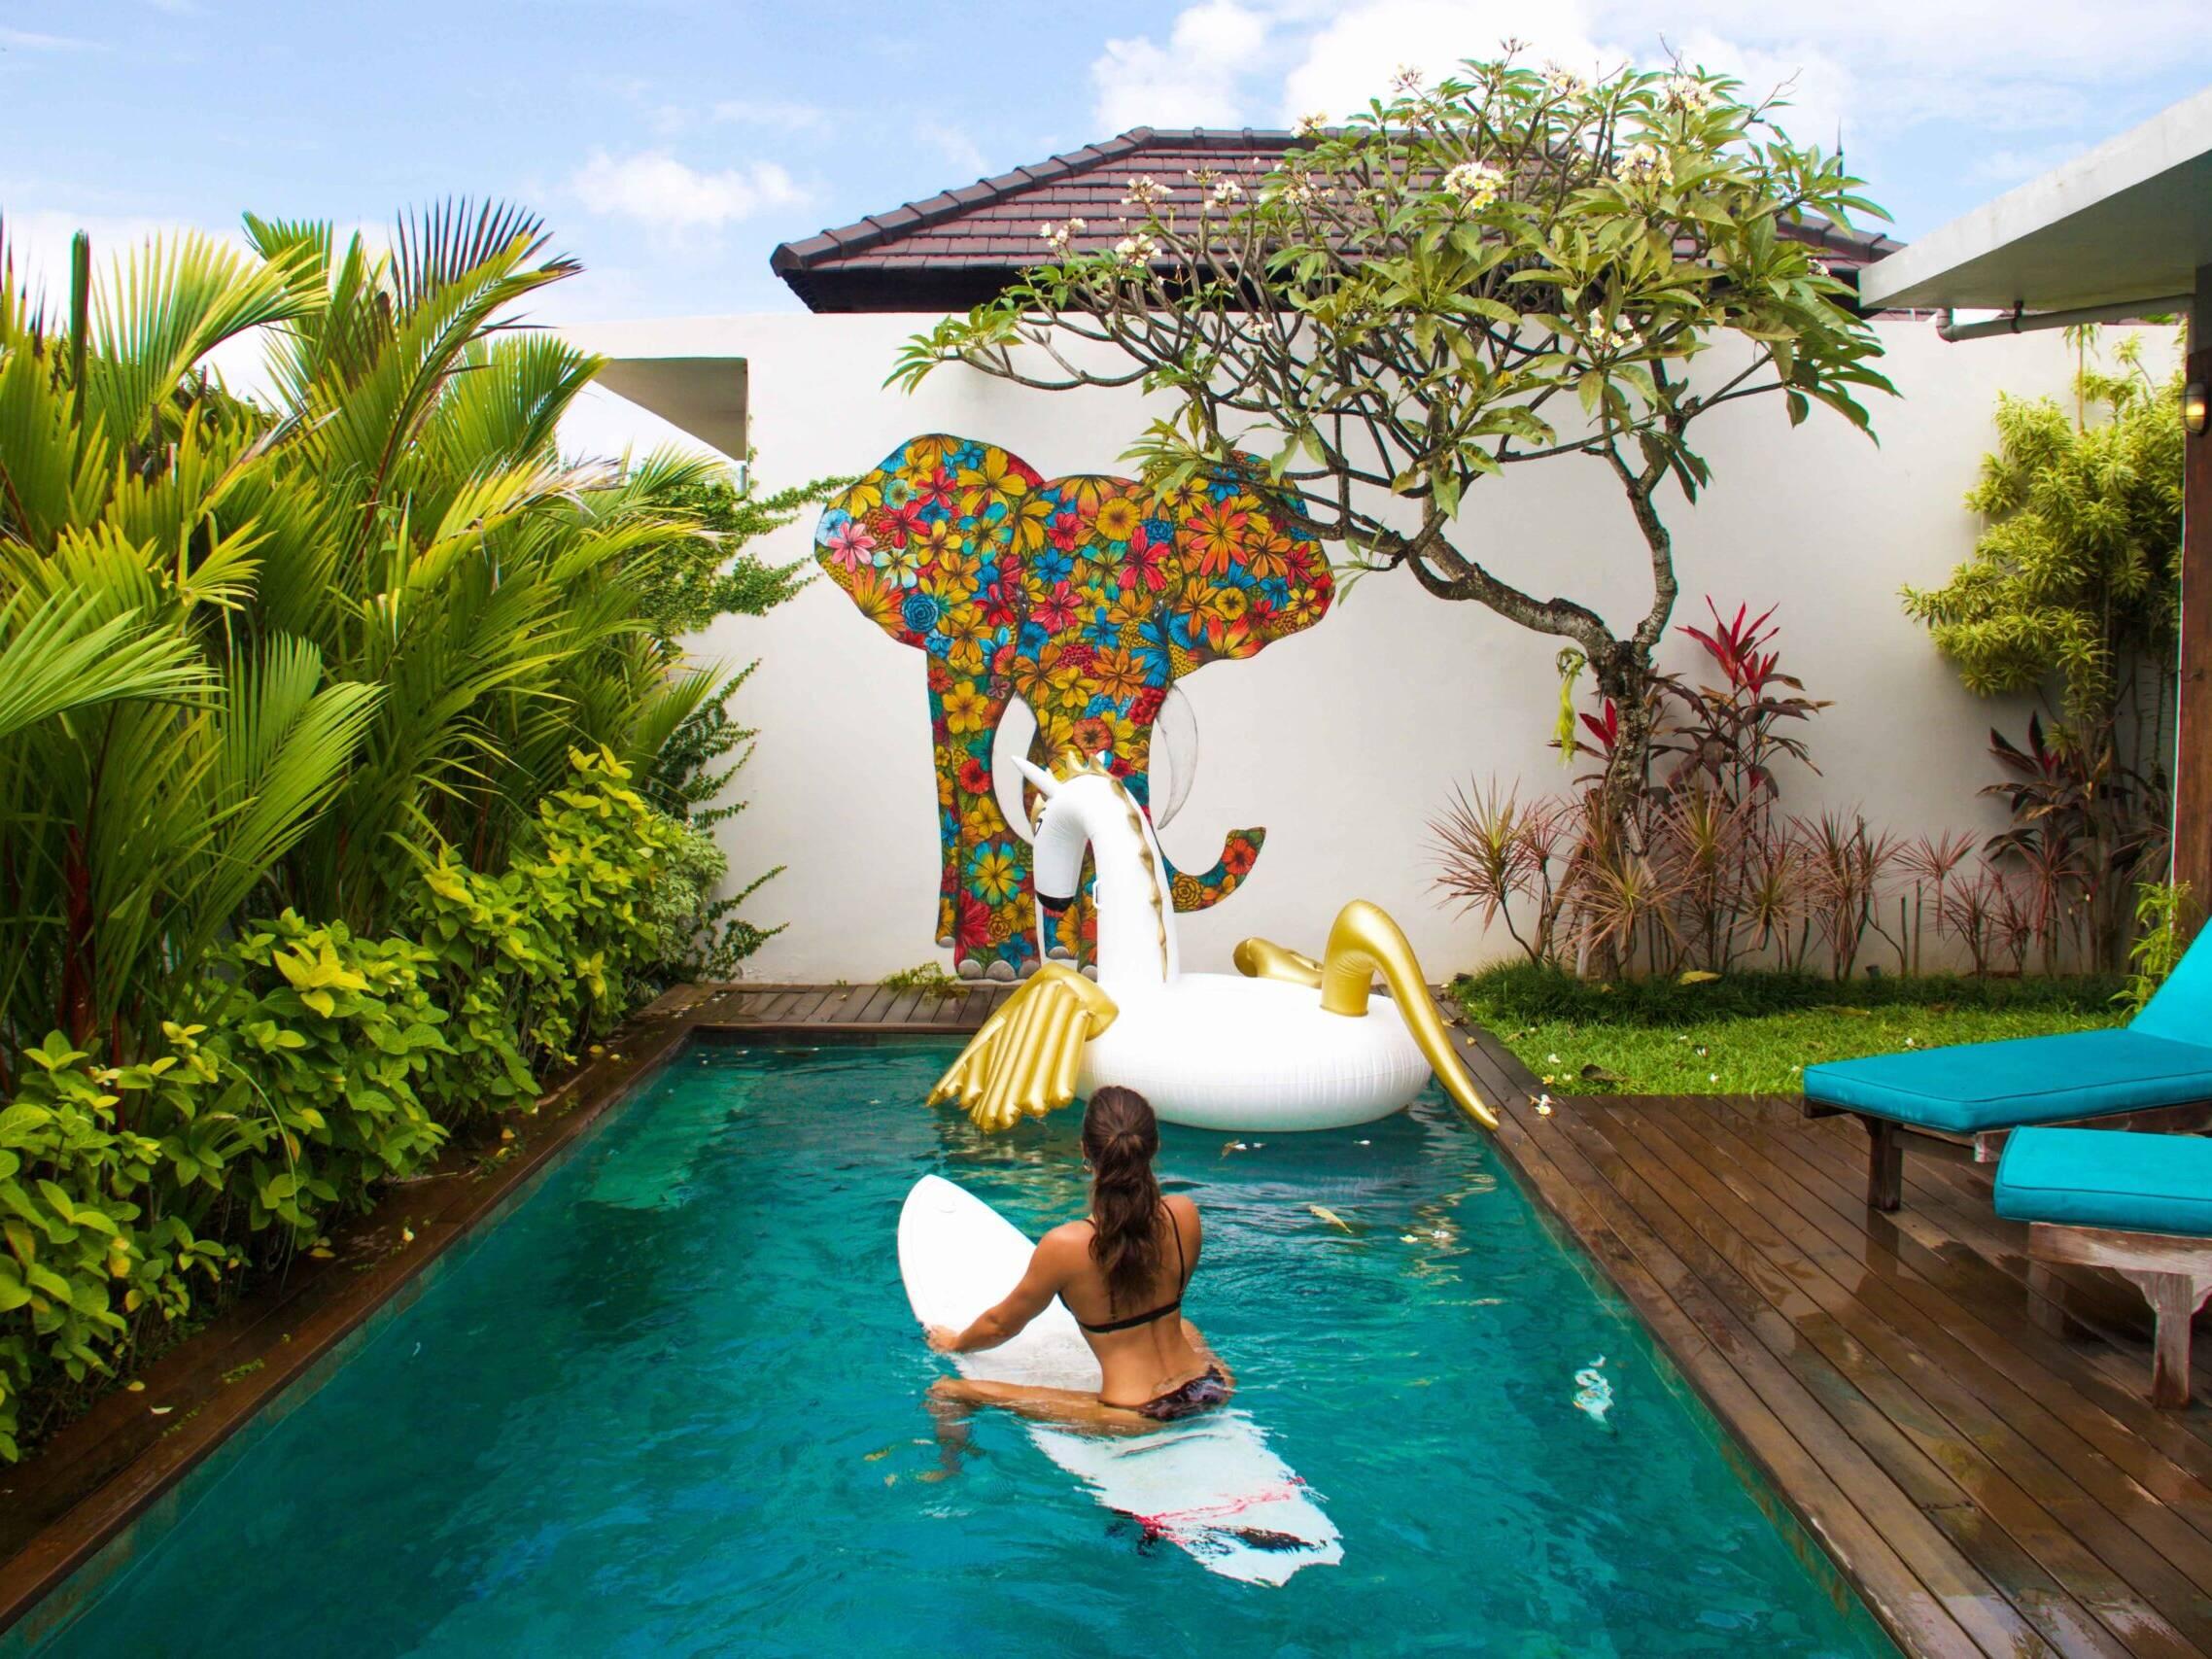 4quarters in Canggu Bali